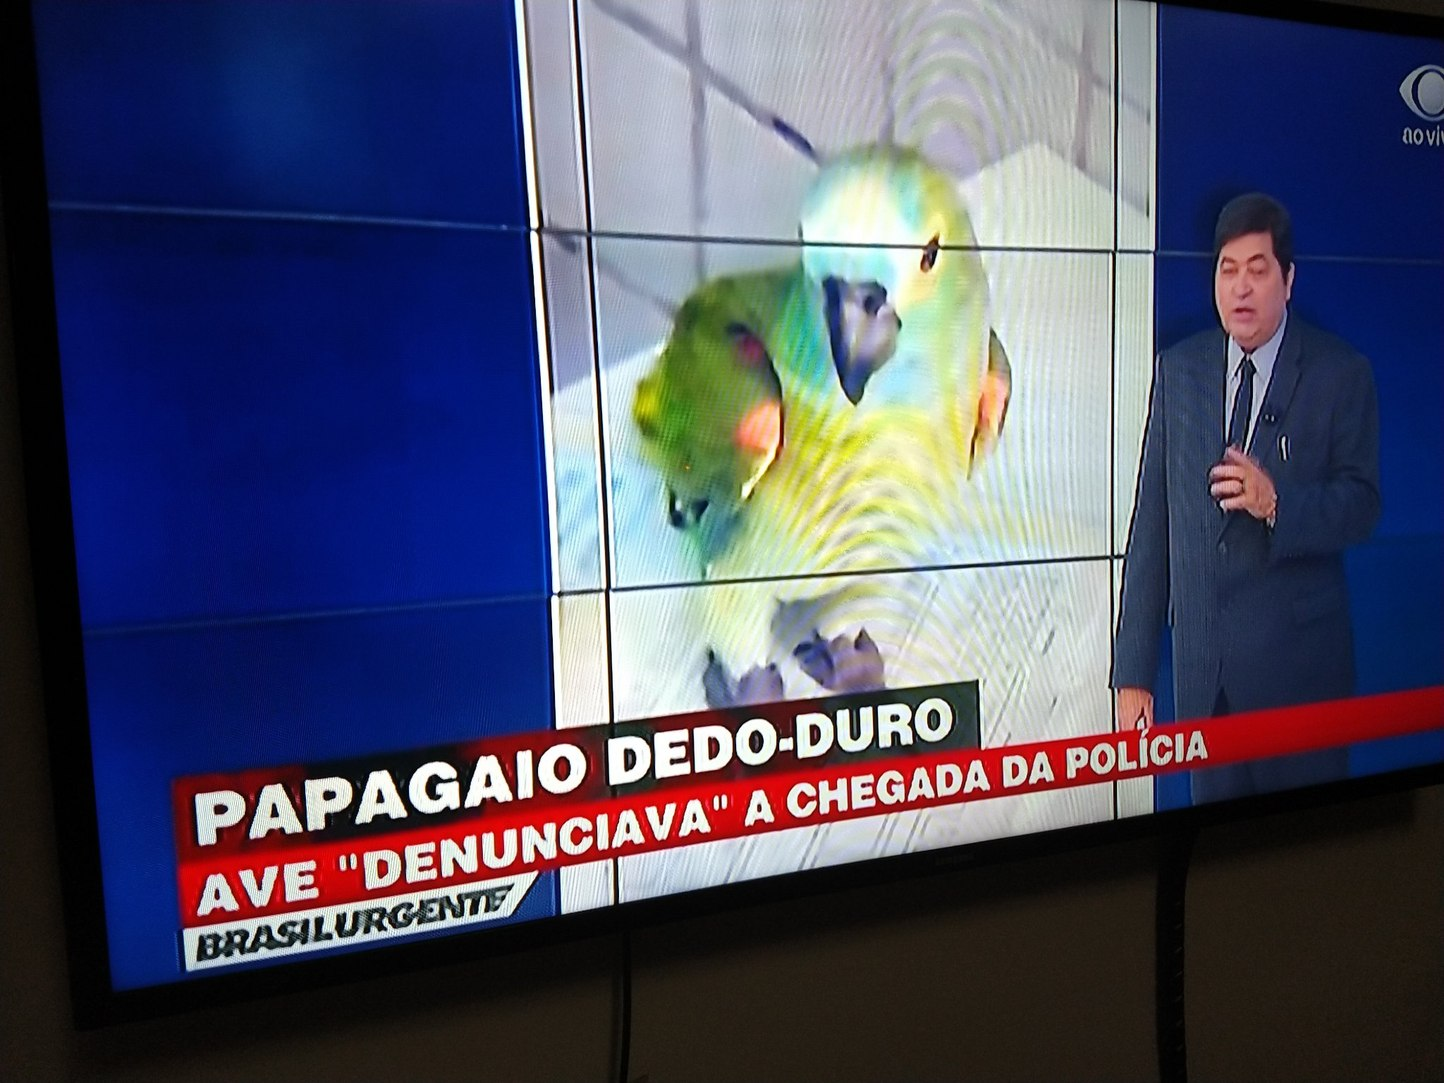 Isso aí não falta mais nada - Meme by PatusVerdis :) Memedroid